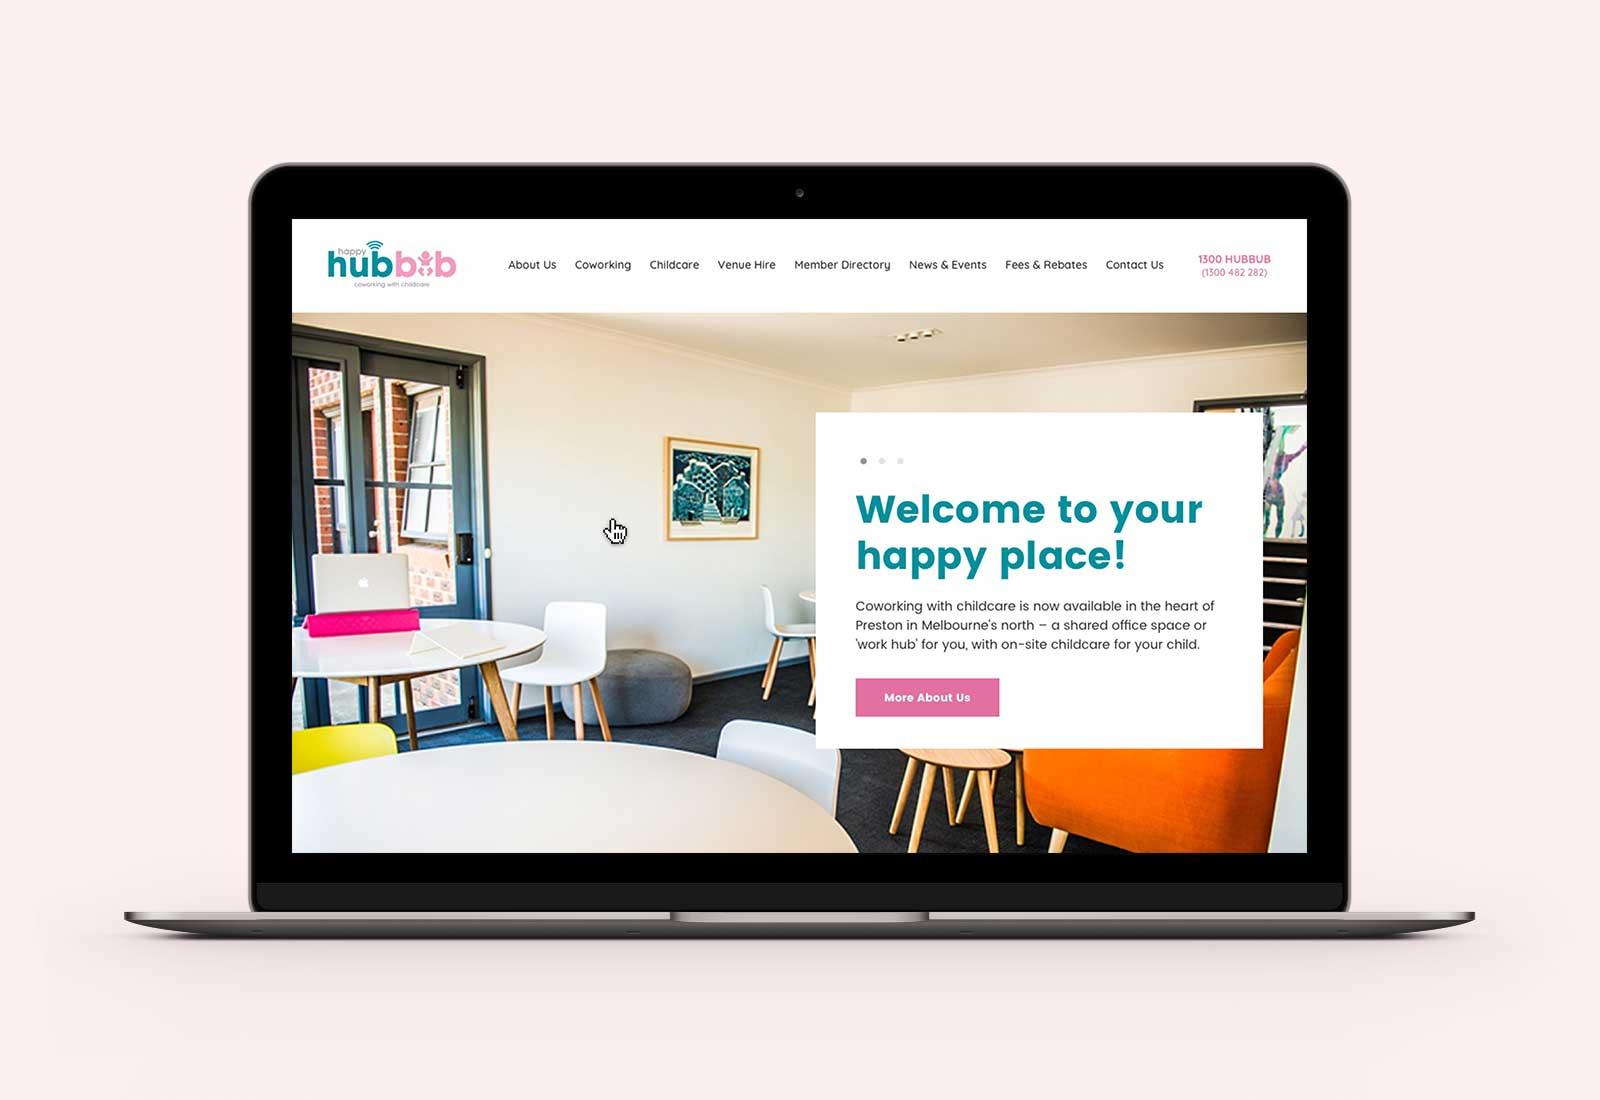 Happy Hubbub homepage desktop design on Macbook